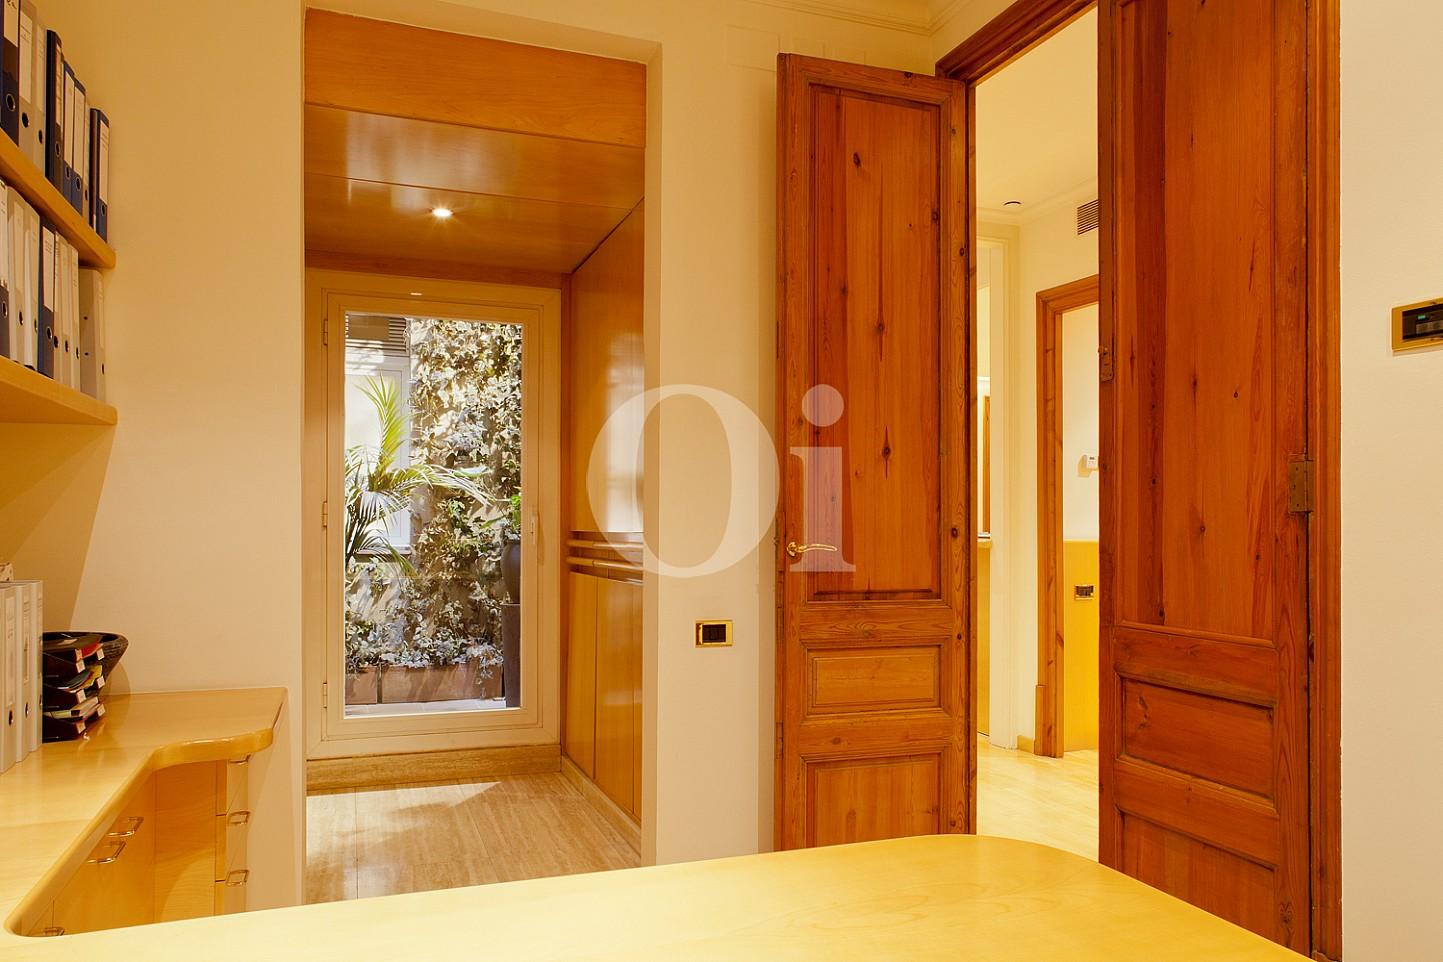 Zugang zum Arbeitszimmer einer Wohnung zum Verkauf im Viertel Eixample Derecho Barcelonas